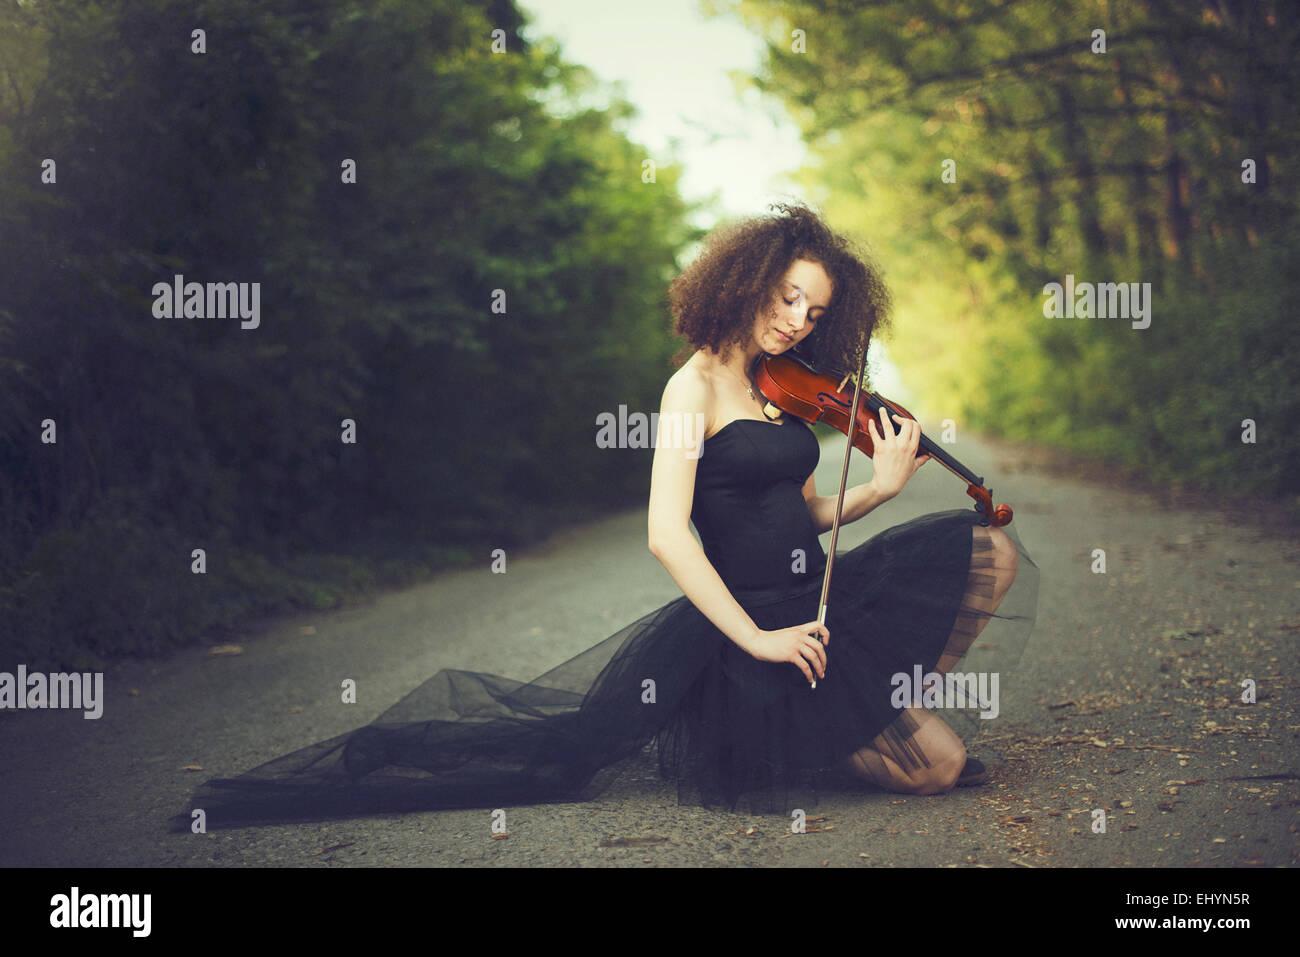 Triste joven tocando el violín Imagen De Stock